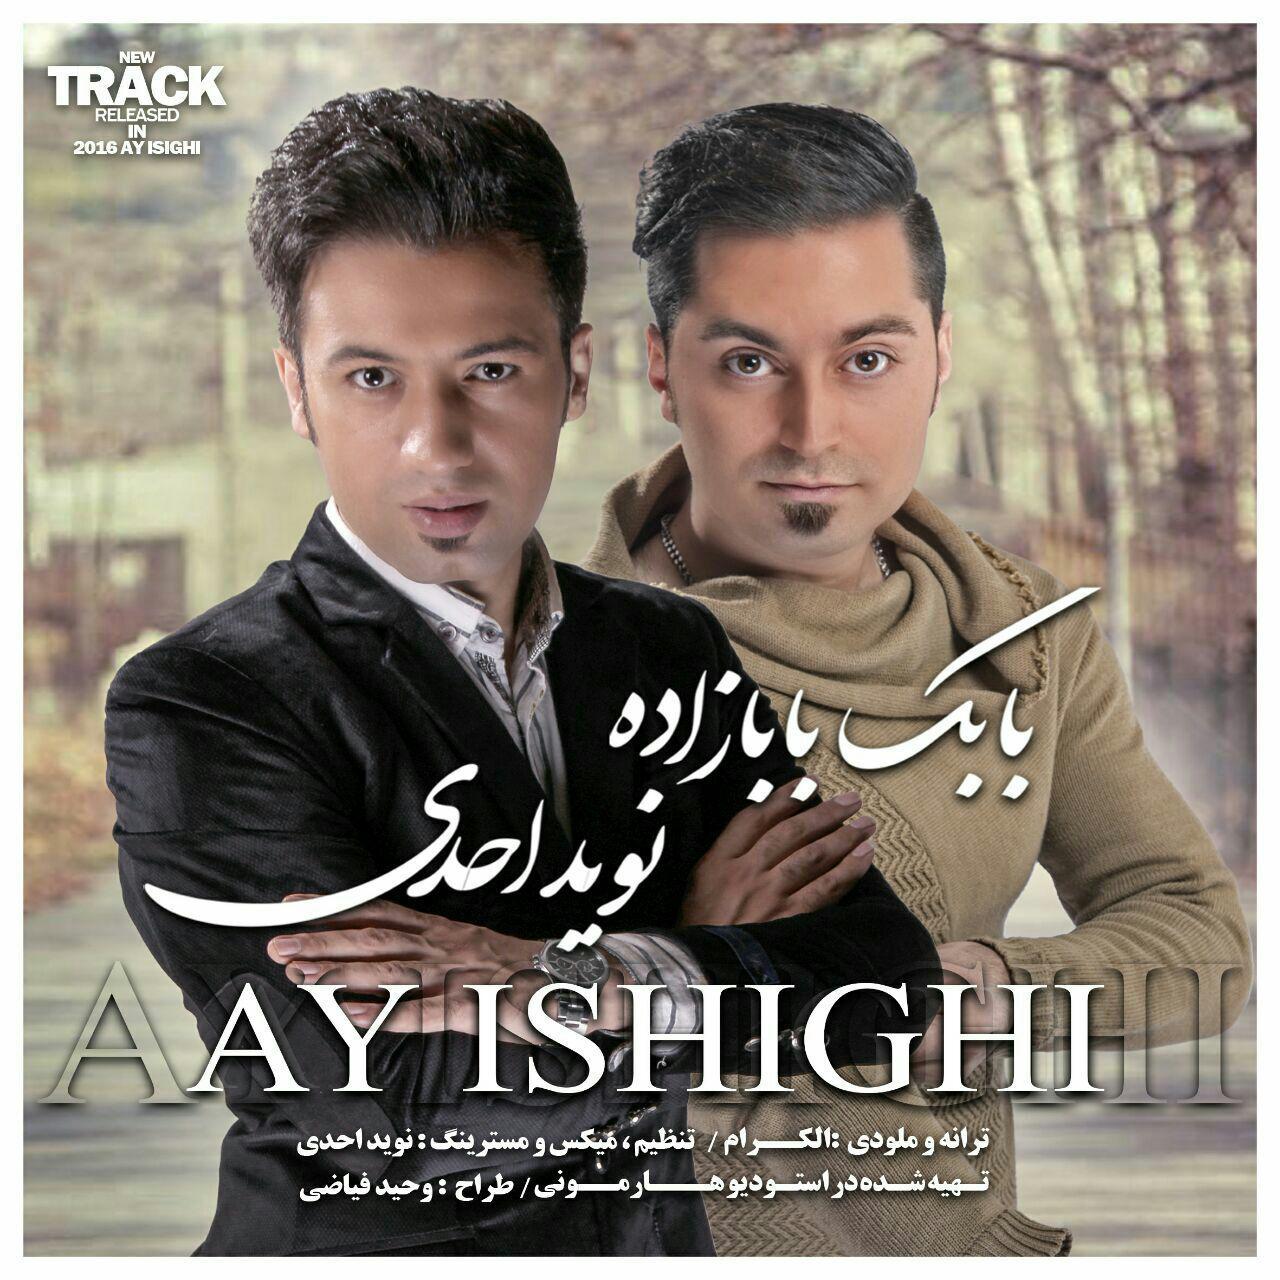 دانلود آهنگ جدید بابک بابازاده و نوید احدی به نام آی ایشیقی